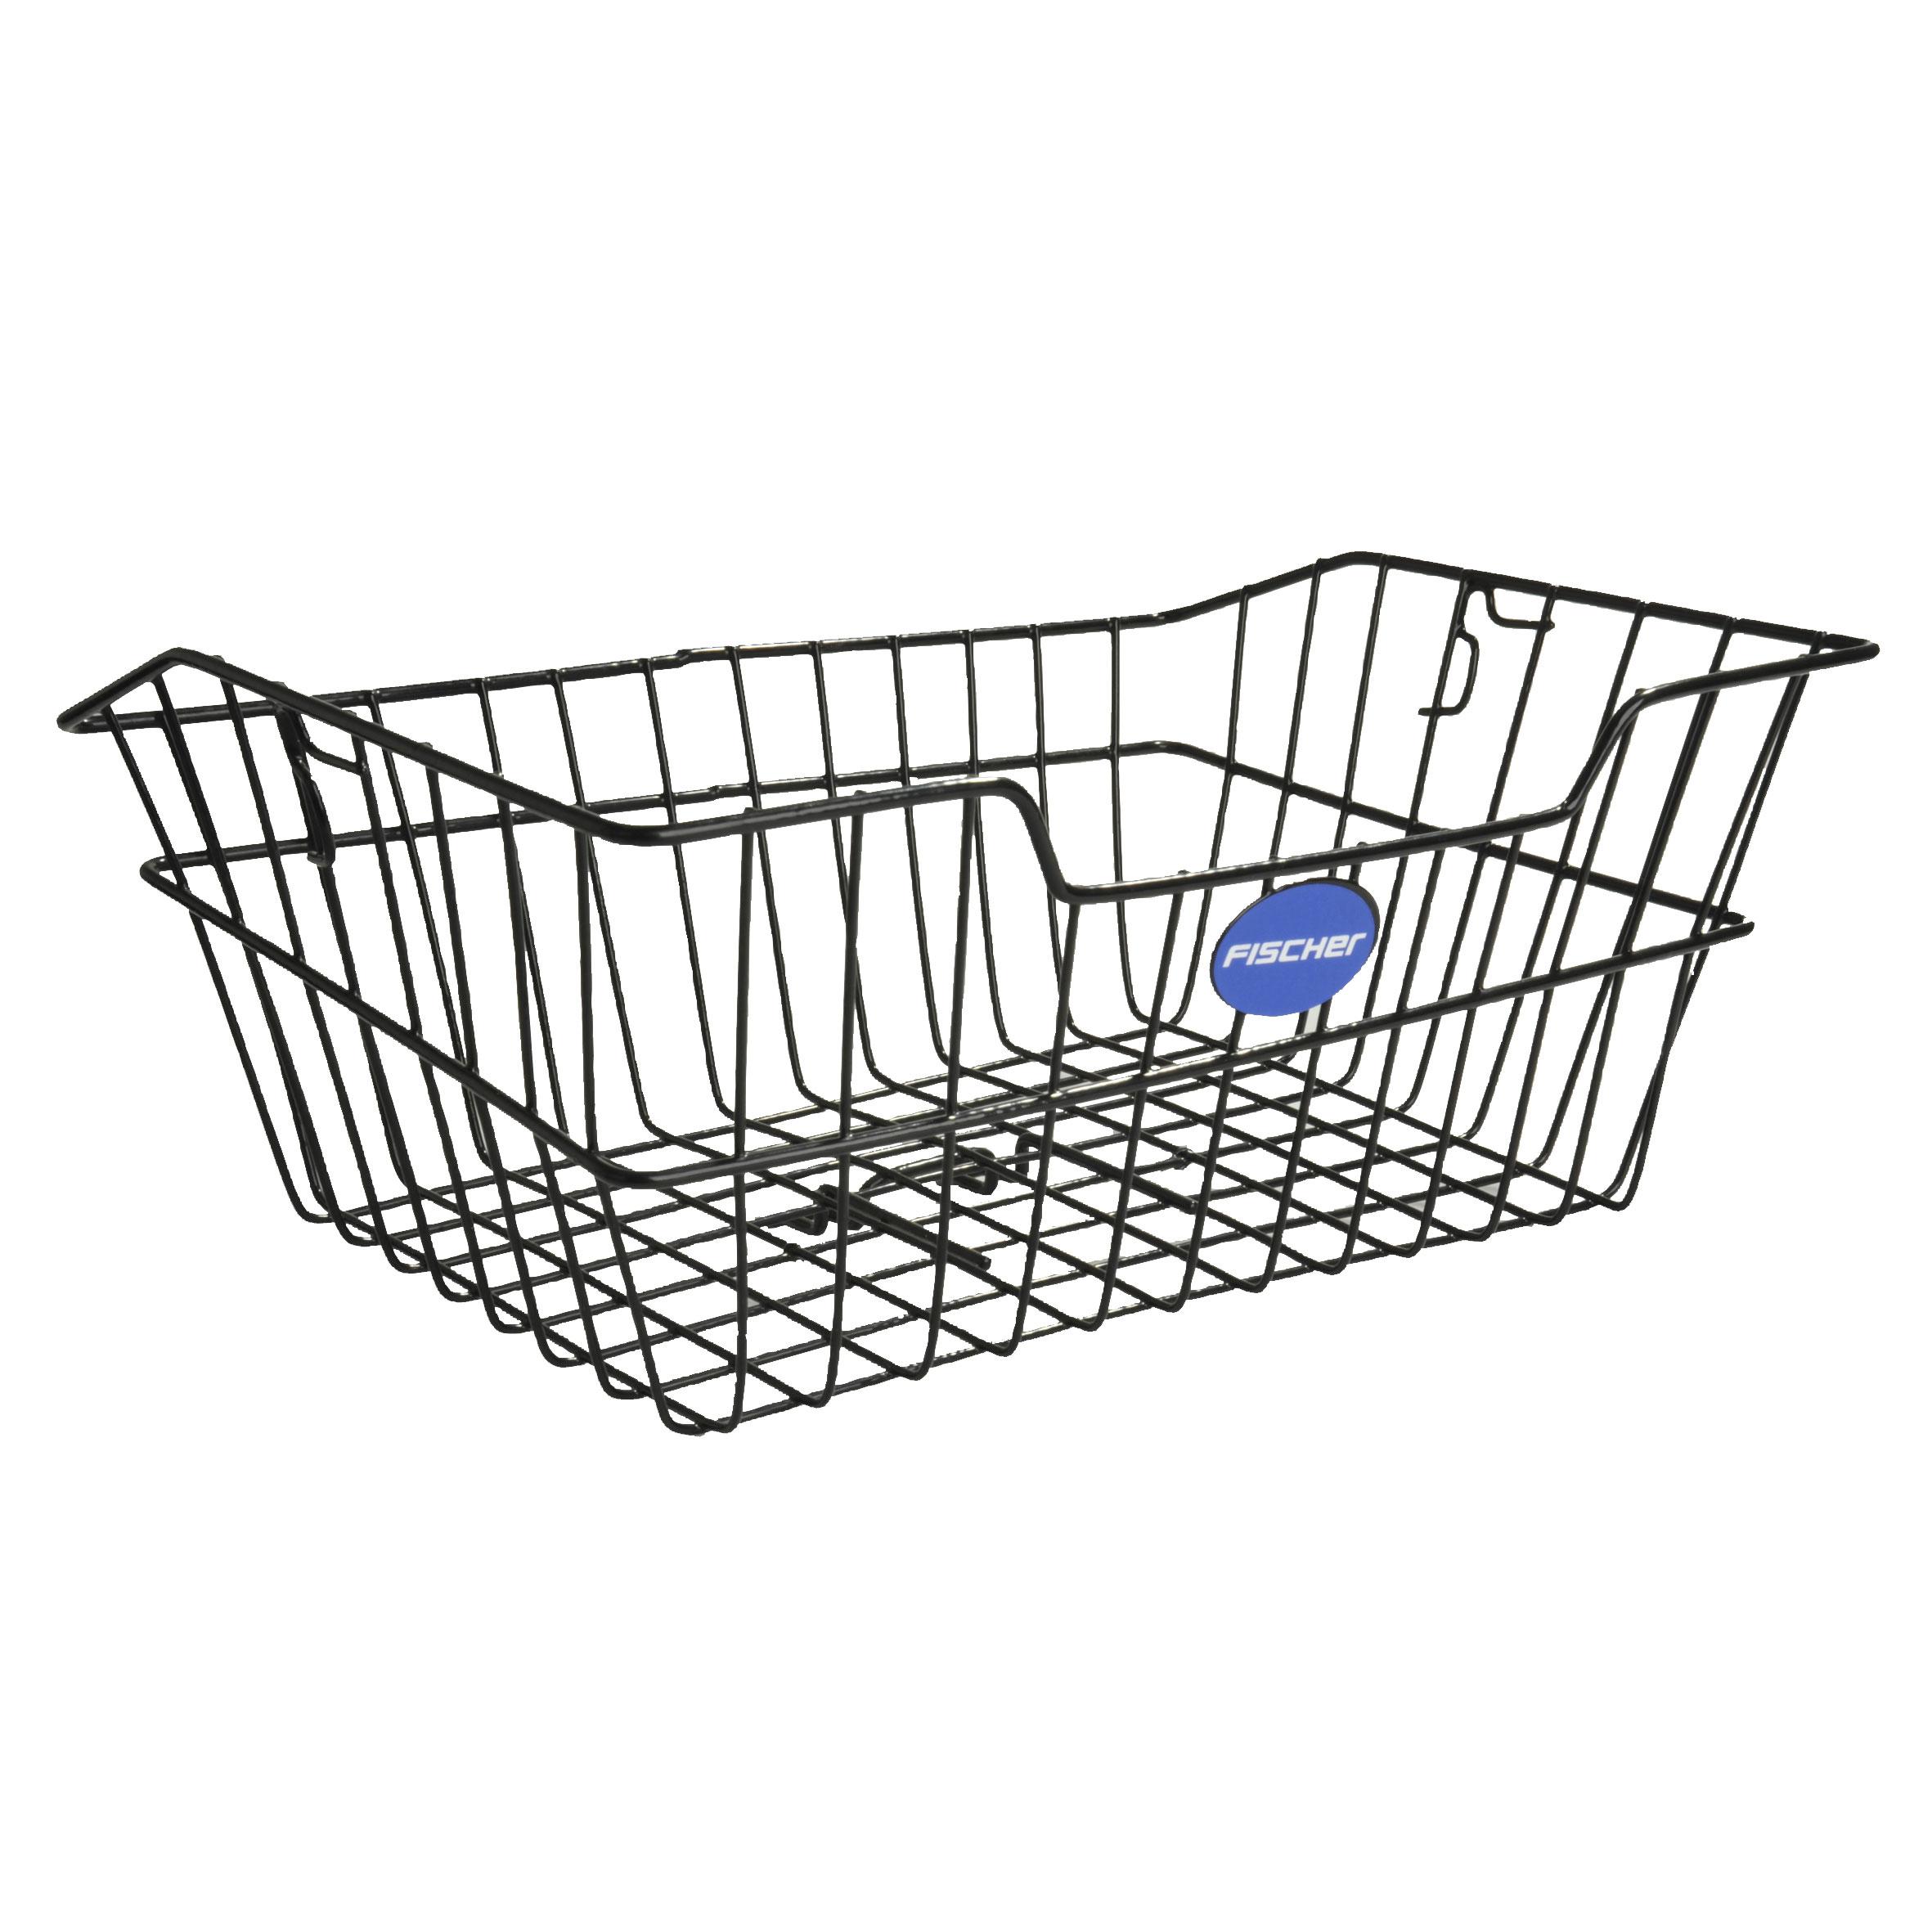 Fischer Fahrradkorb / Einkaufskorb für Gepäckträger Bild 1